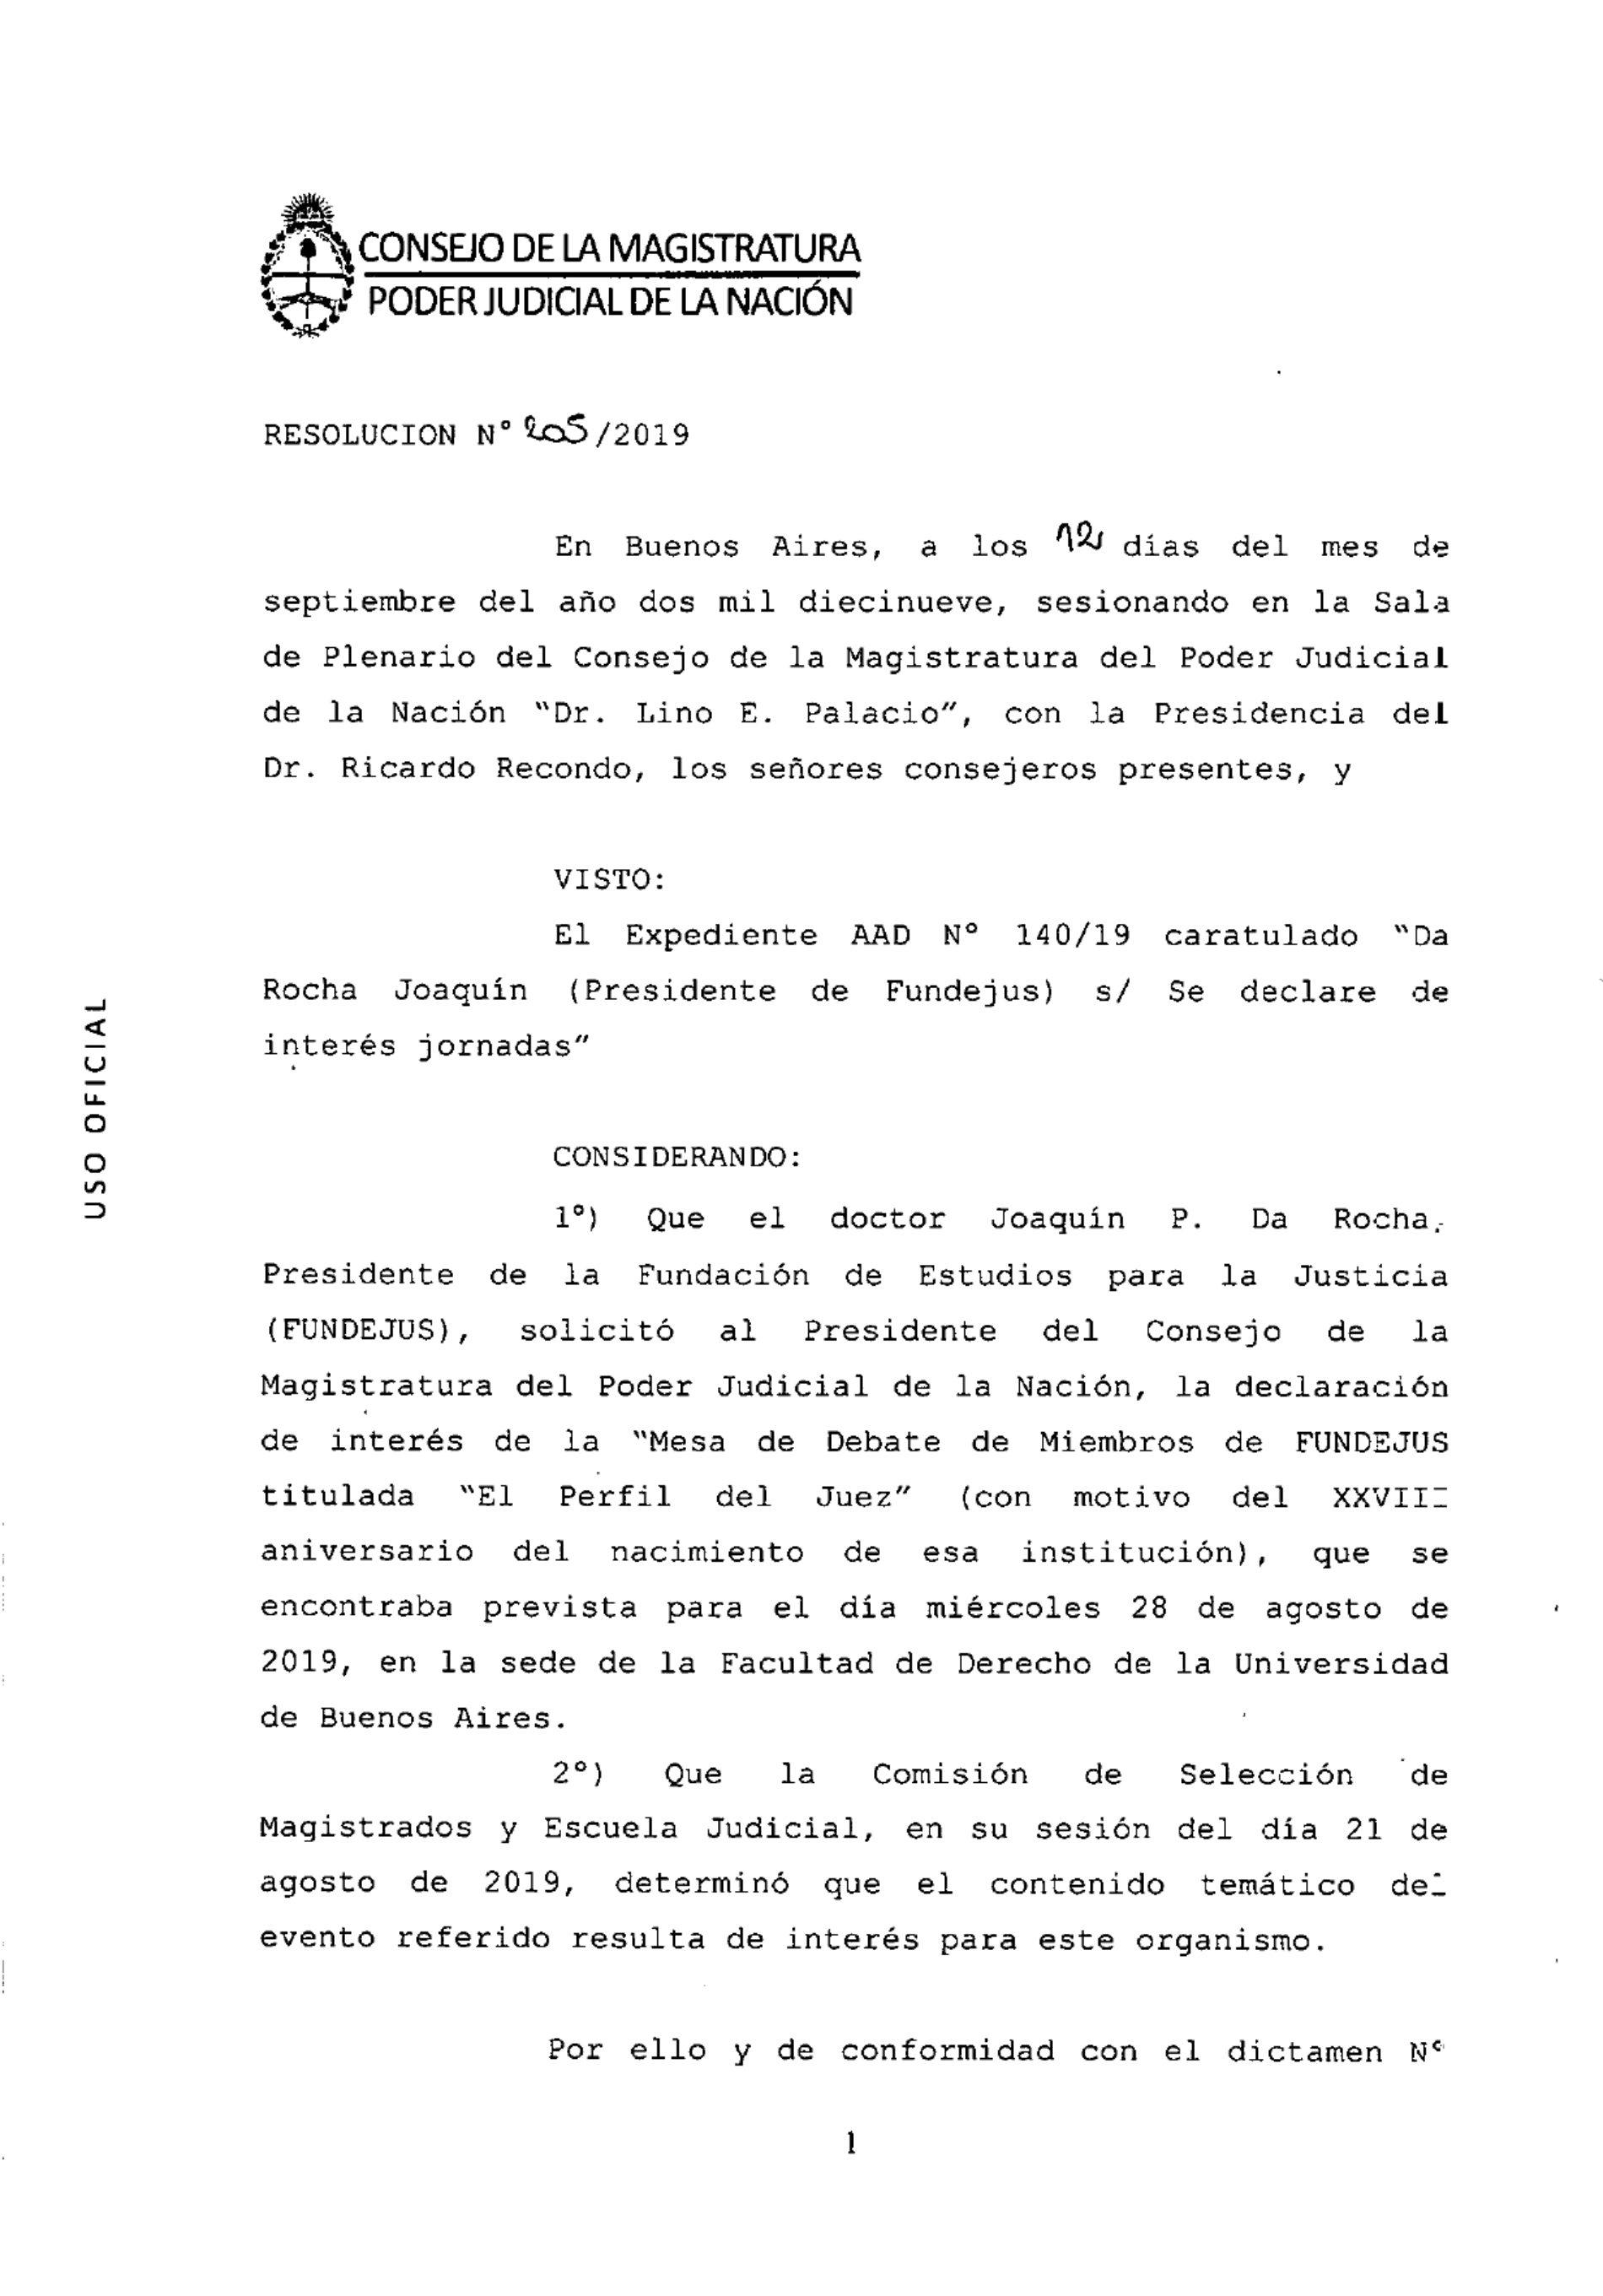 Mesa de Debate «El perfil del juez»: Declaración de interés del Consejo de la Magistratura de la Nación.